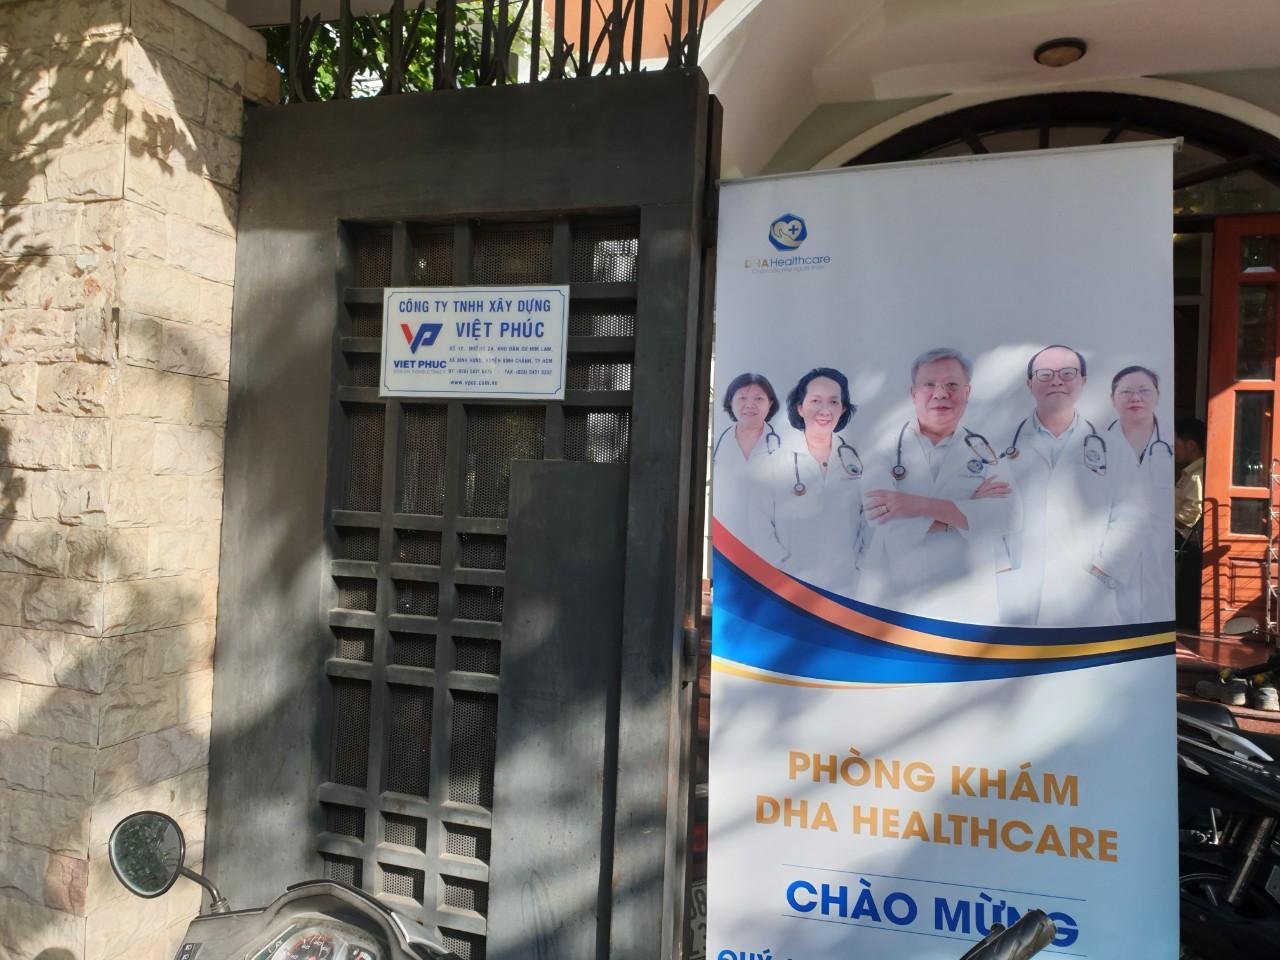 Ngày-hội-khám-sức-khỏe-định-kỳ-công-ty-TNHH-xây-dựng-Việt-Phúc-2019